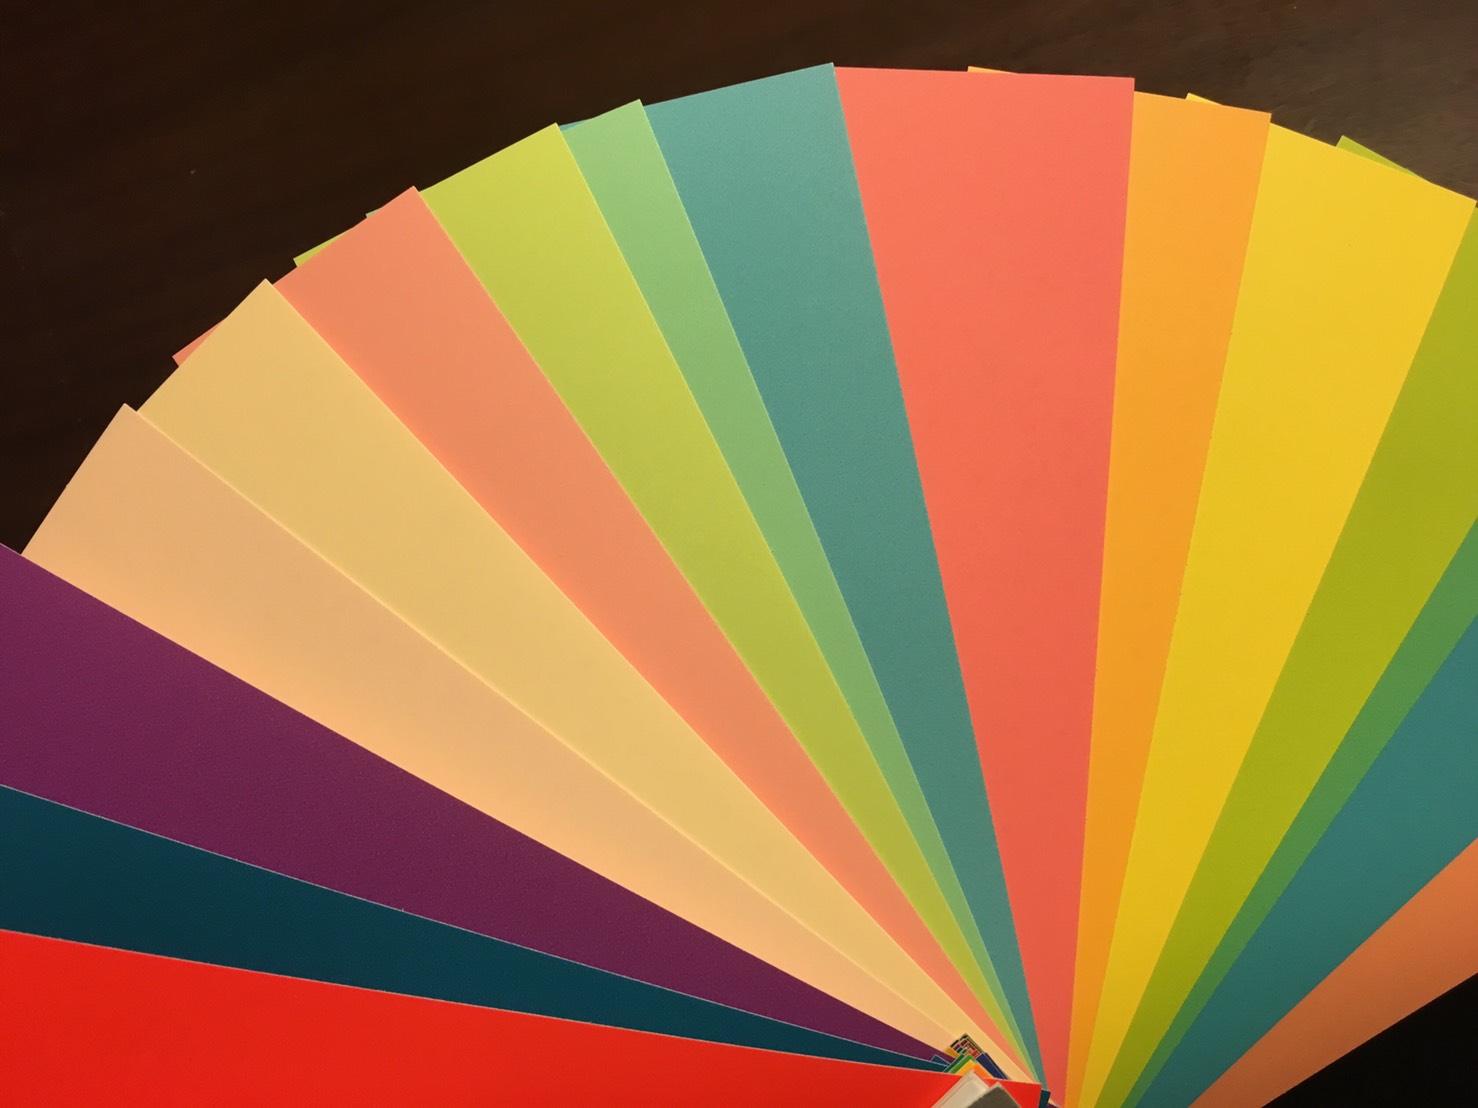 本当に似合う色を見つけましょう★パーソナルカラー診断